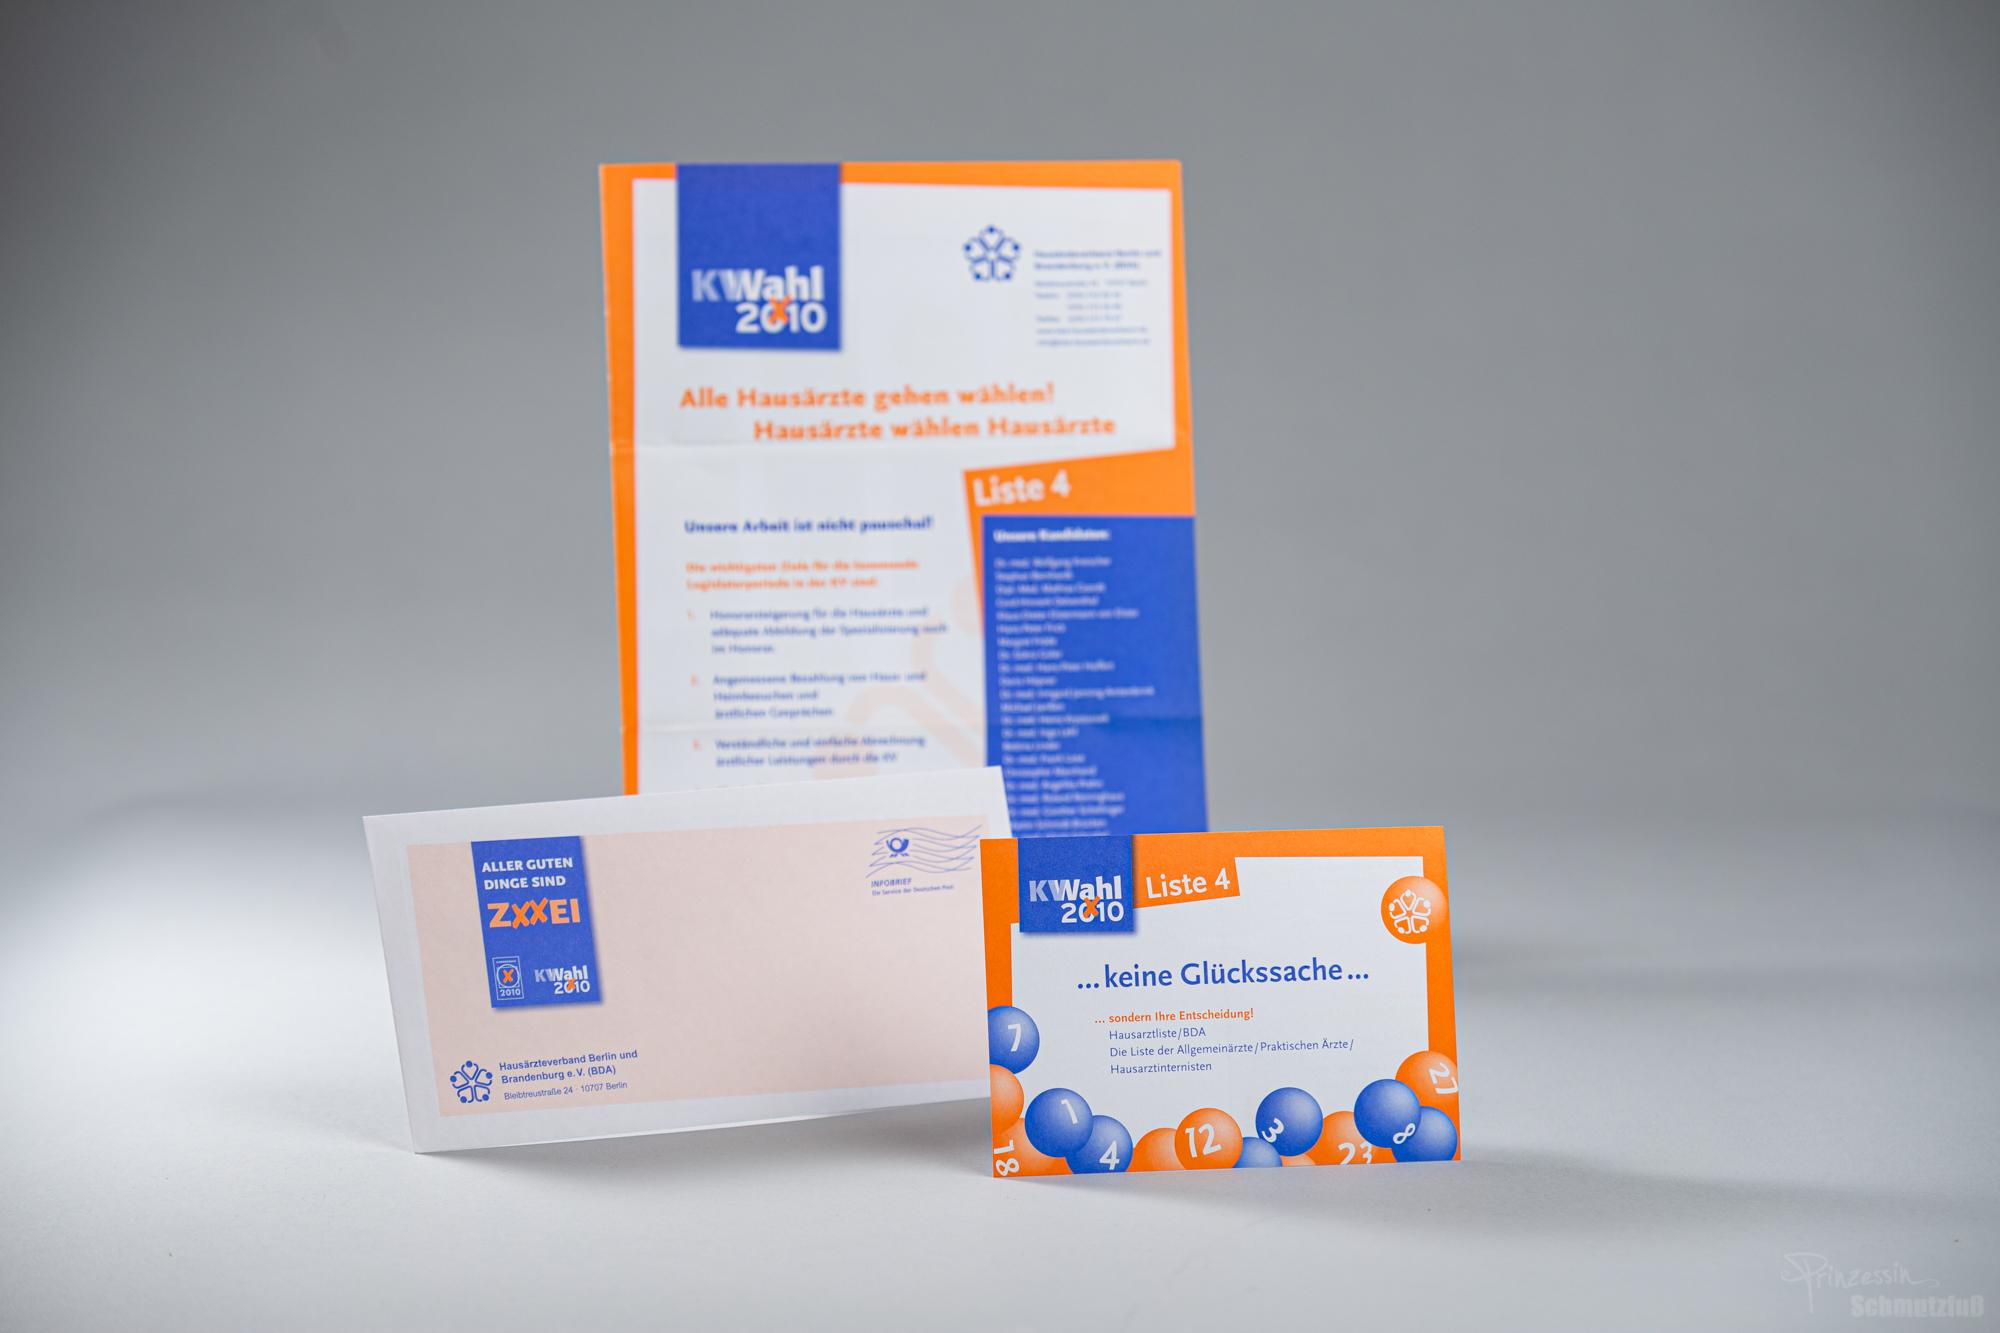 Layoutgestaltung | Erstellung Grafik | Postkarte | Ankündigung | Brief-Umschlag | KV Wahl | Anstellung bei da vinci design